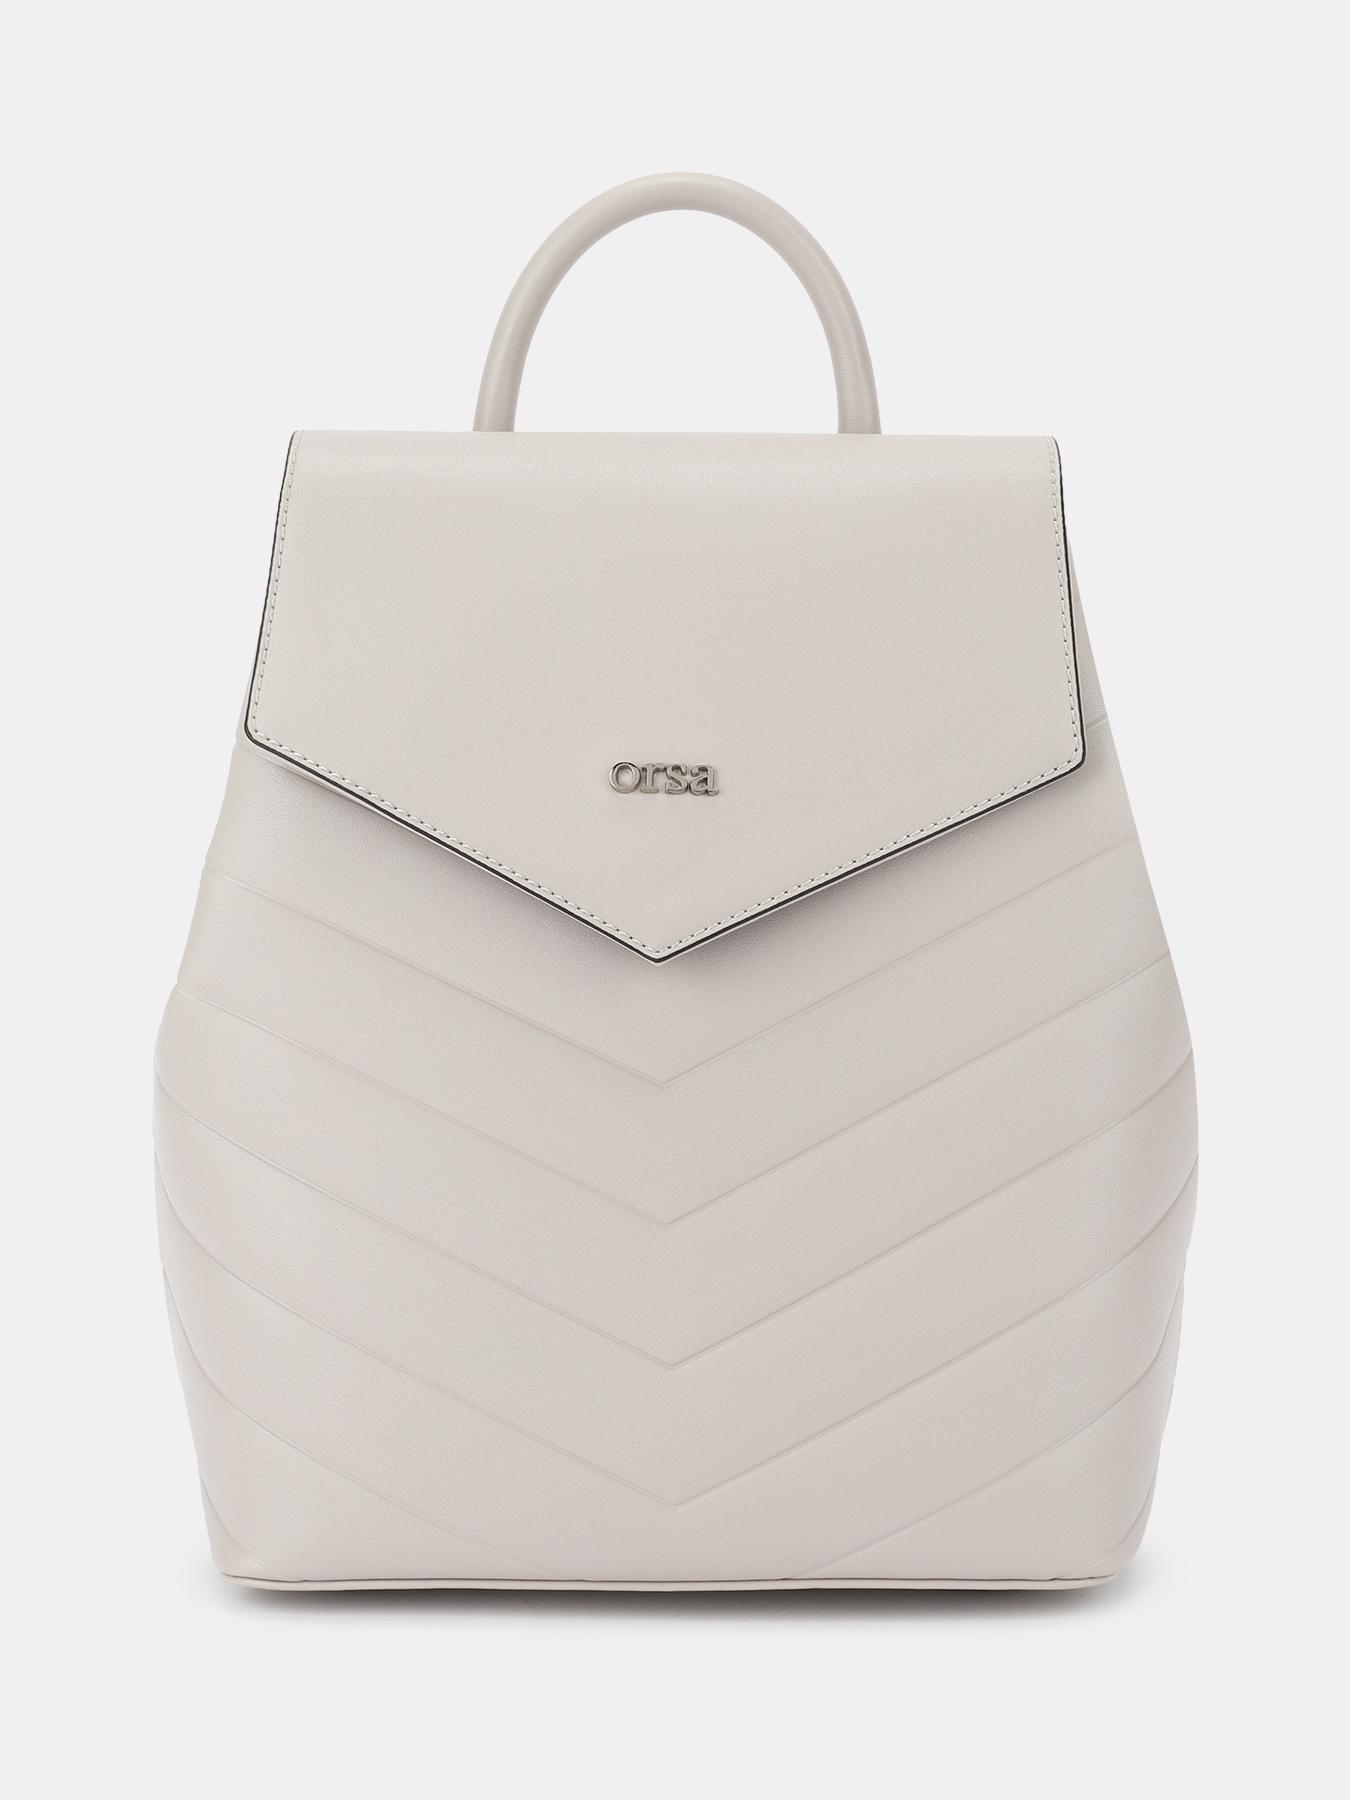 Рюкзаки ORSA Женский рюкзак рюкзаки orsa женский рюкзак